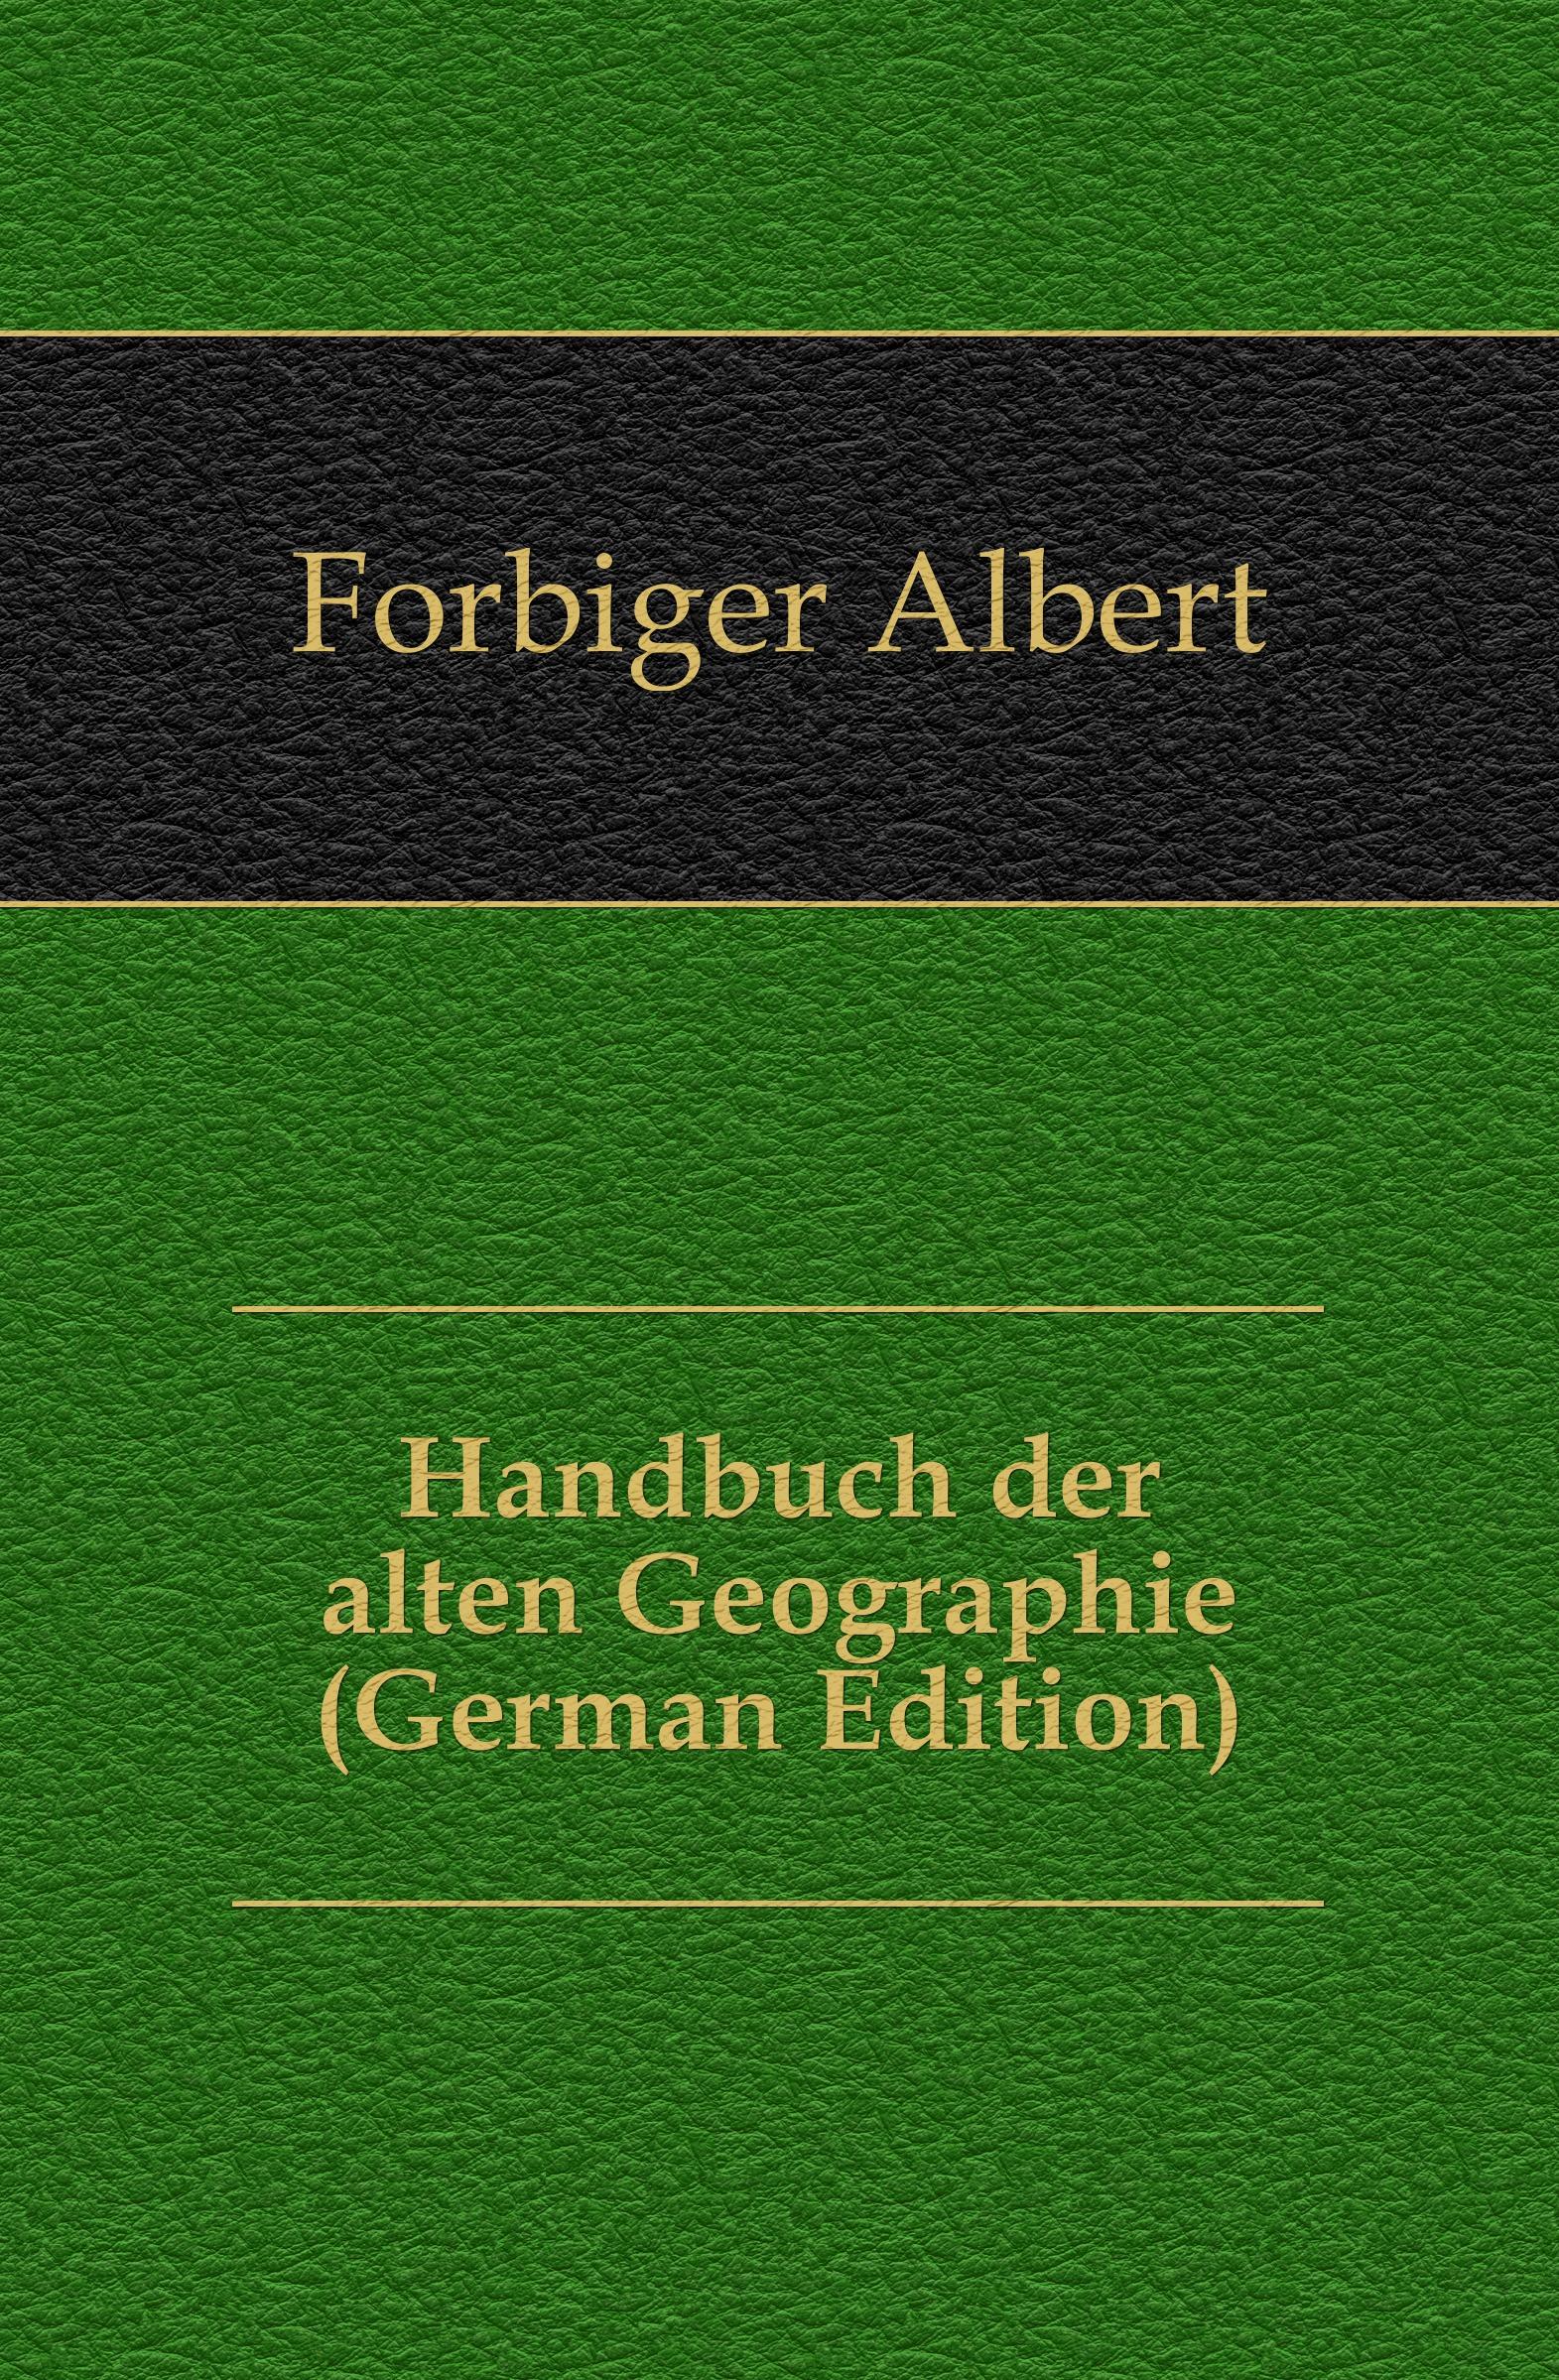 Forbiger Albert Handbuch der alten Geographie (German Edition) kärcher karl handbuch der alten classischen geographie german edition